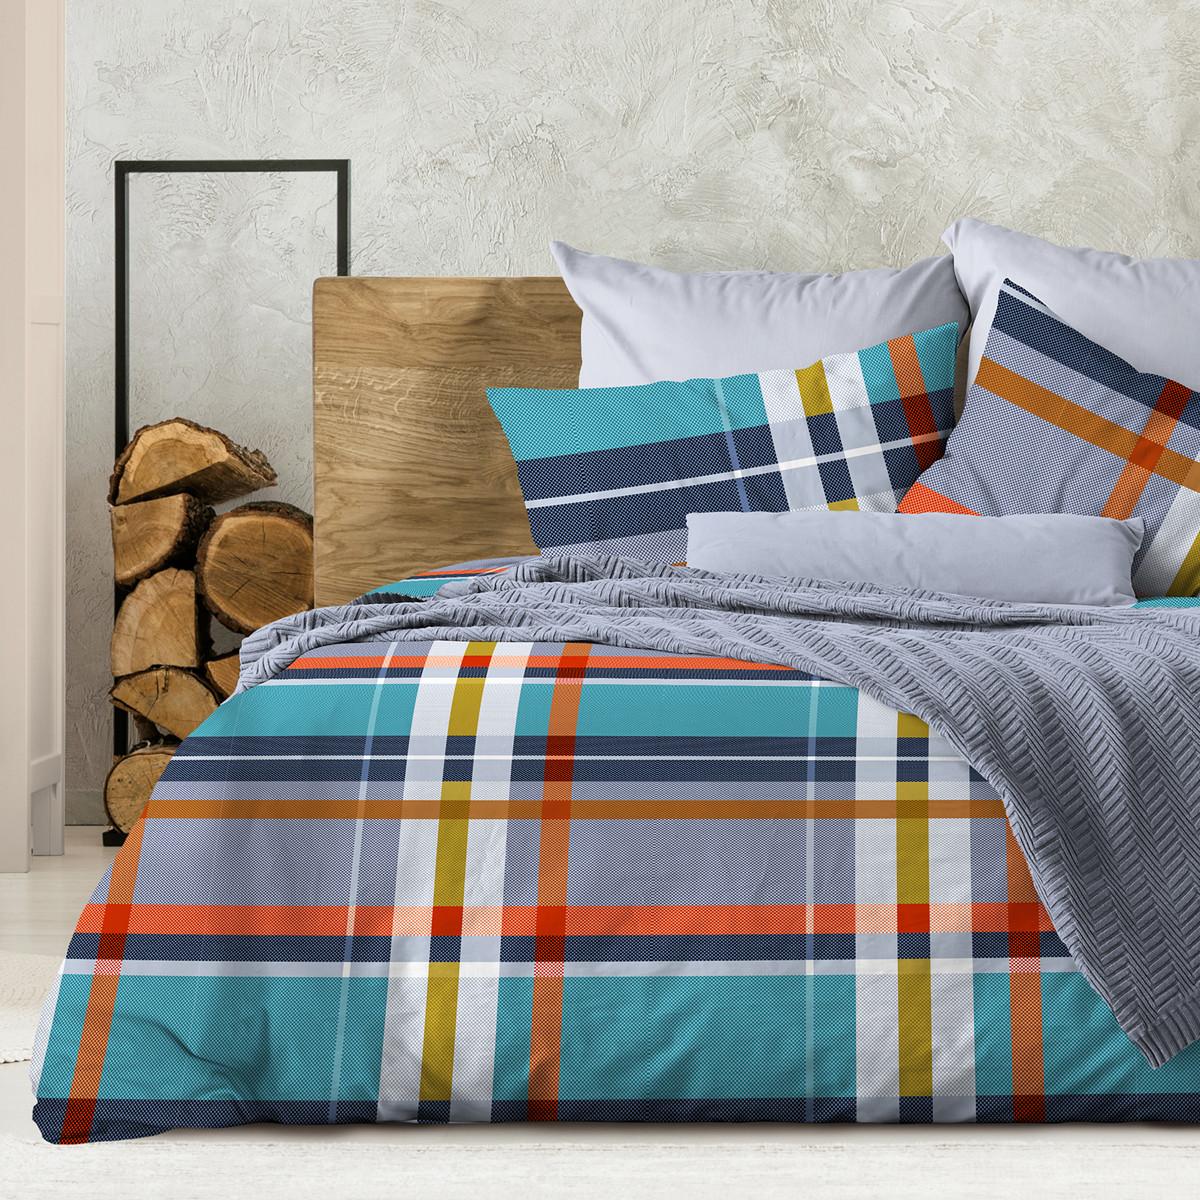 Wenge Комплект постельного белья Rocket, WENGE  1.5 спальный